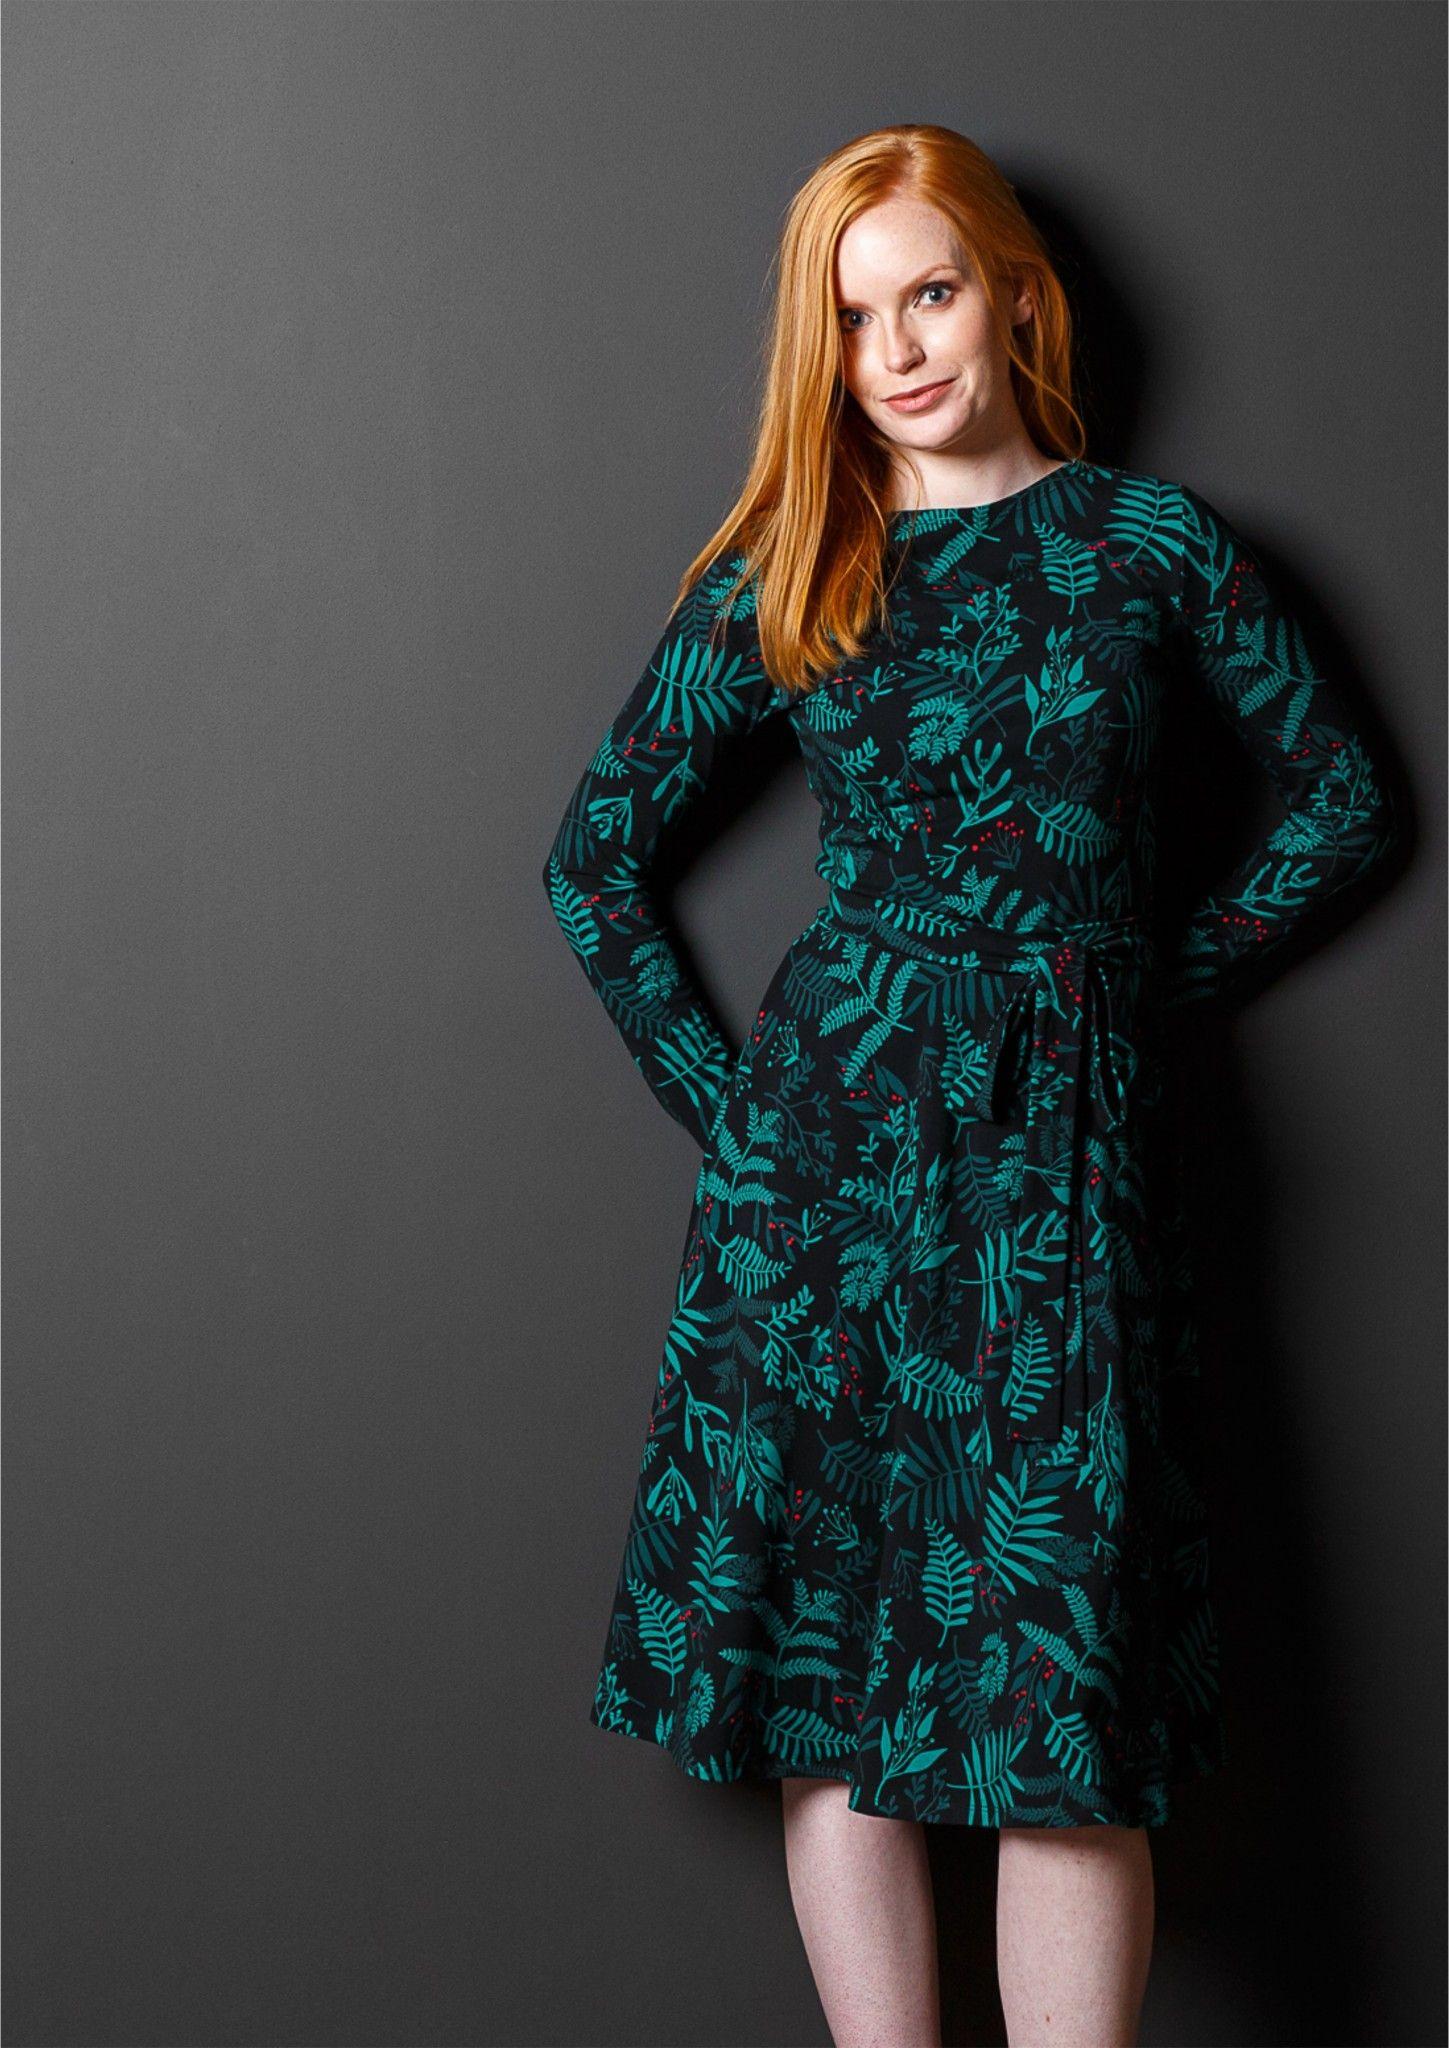 5c2f4c7fd32967 FLORA zimowy ogród | rozkloszowana sukienka - Sukienki, spodnie damskie na  codzień | Zygzak.net